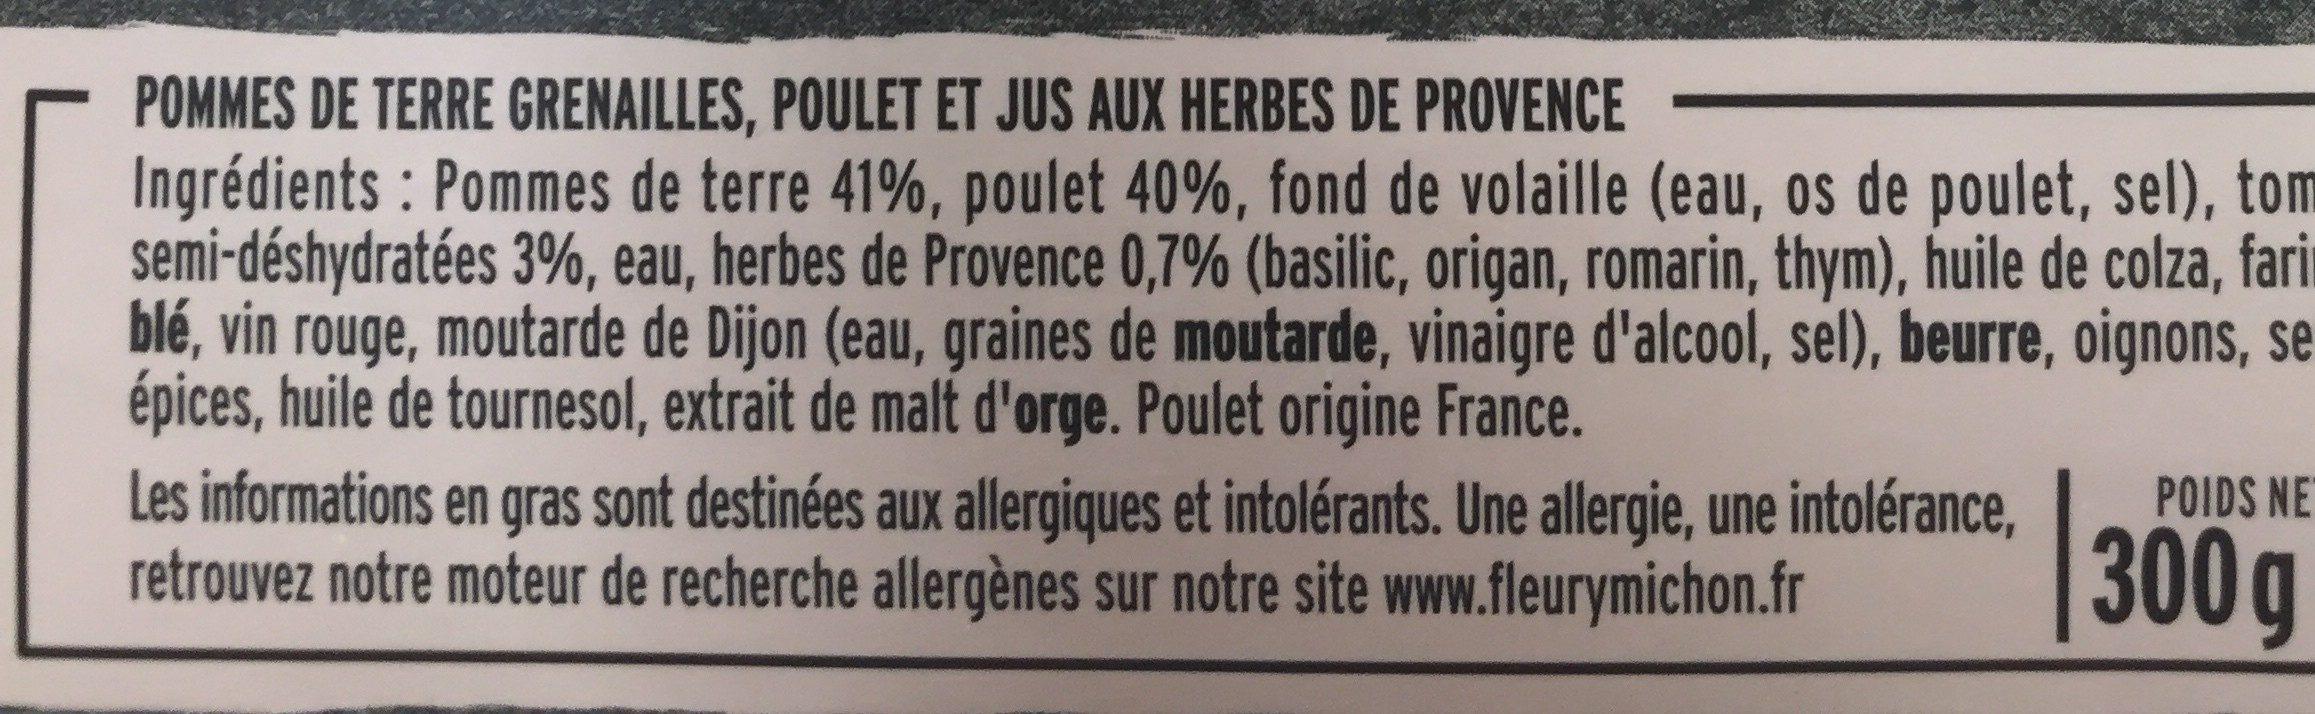 Poulet Rôti et Pommes de Terre Grenailles - Ingredients